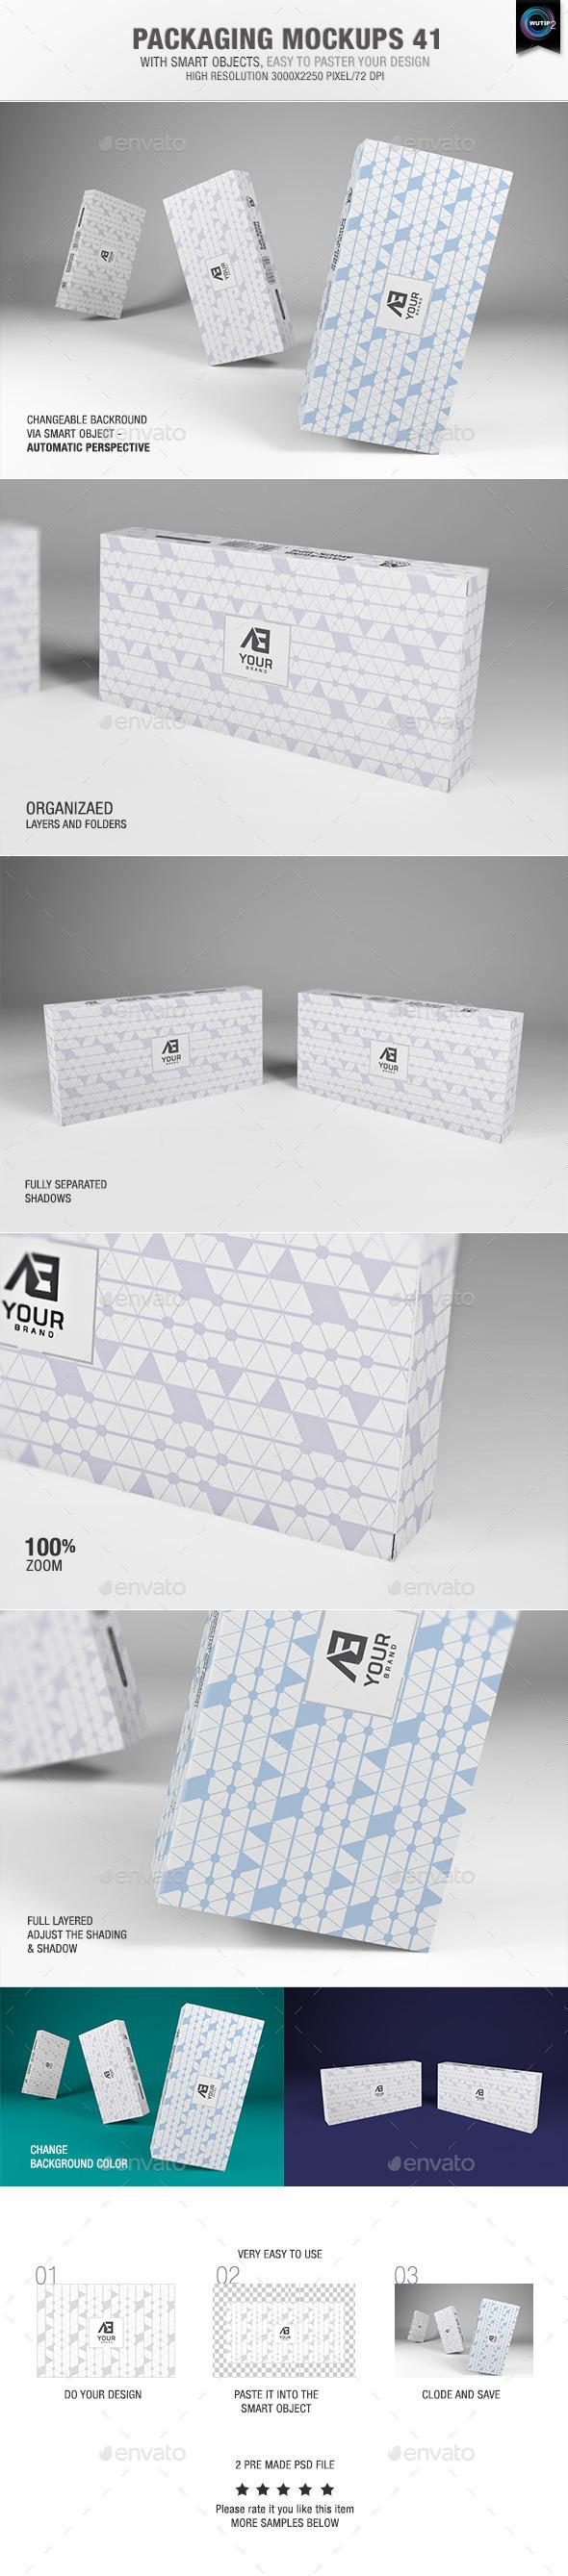 Packaging Mock-ups 41 - Packaging Product Mock-Ups